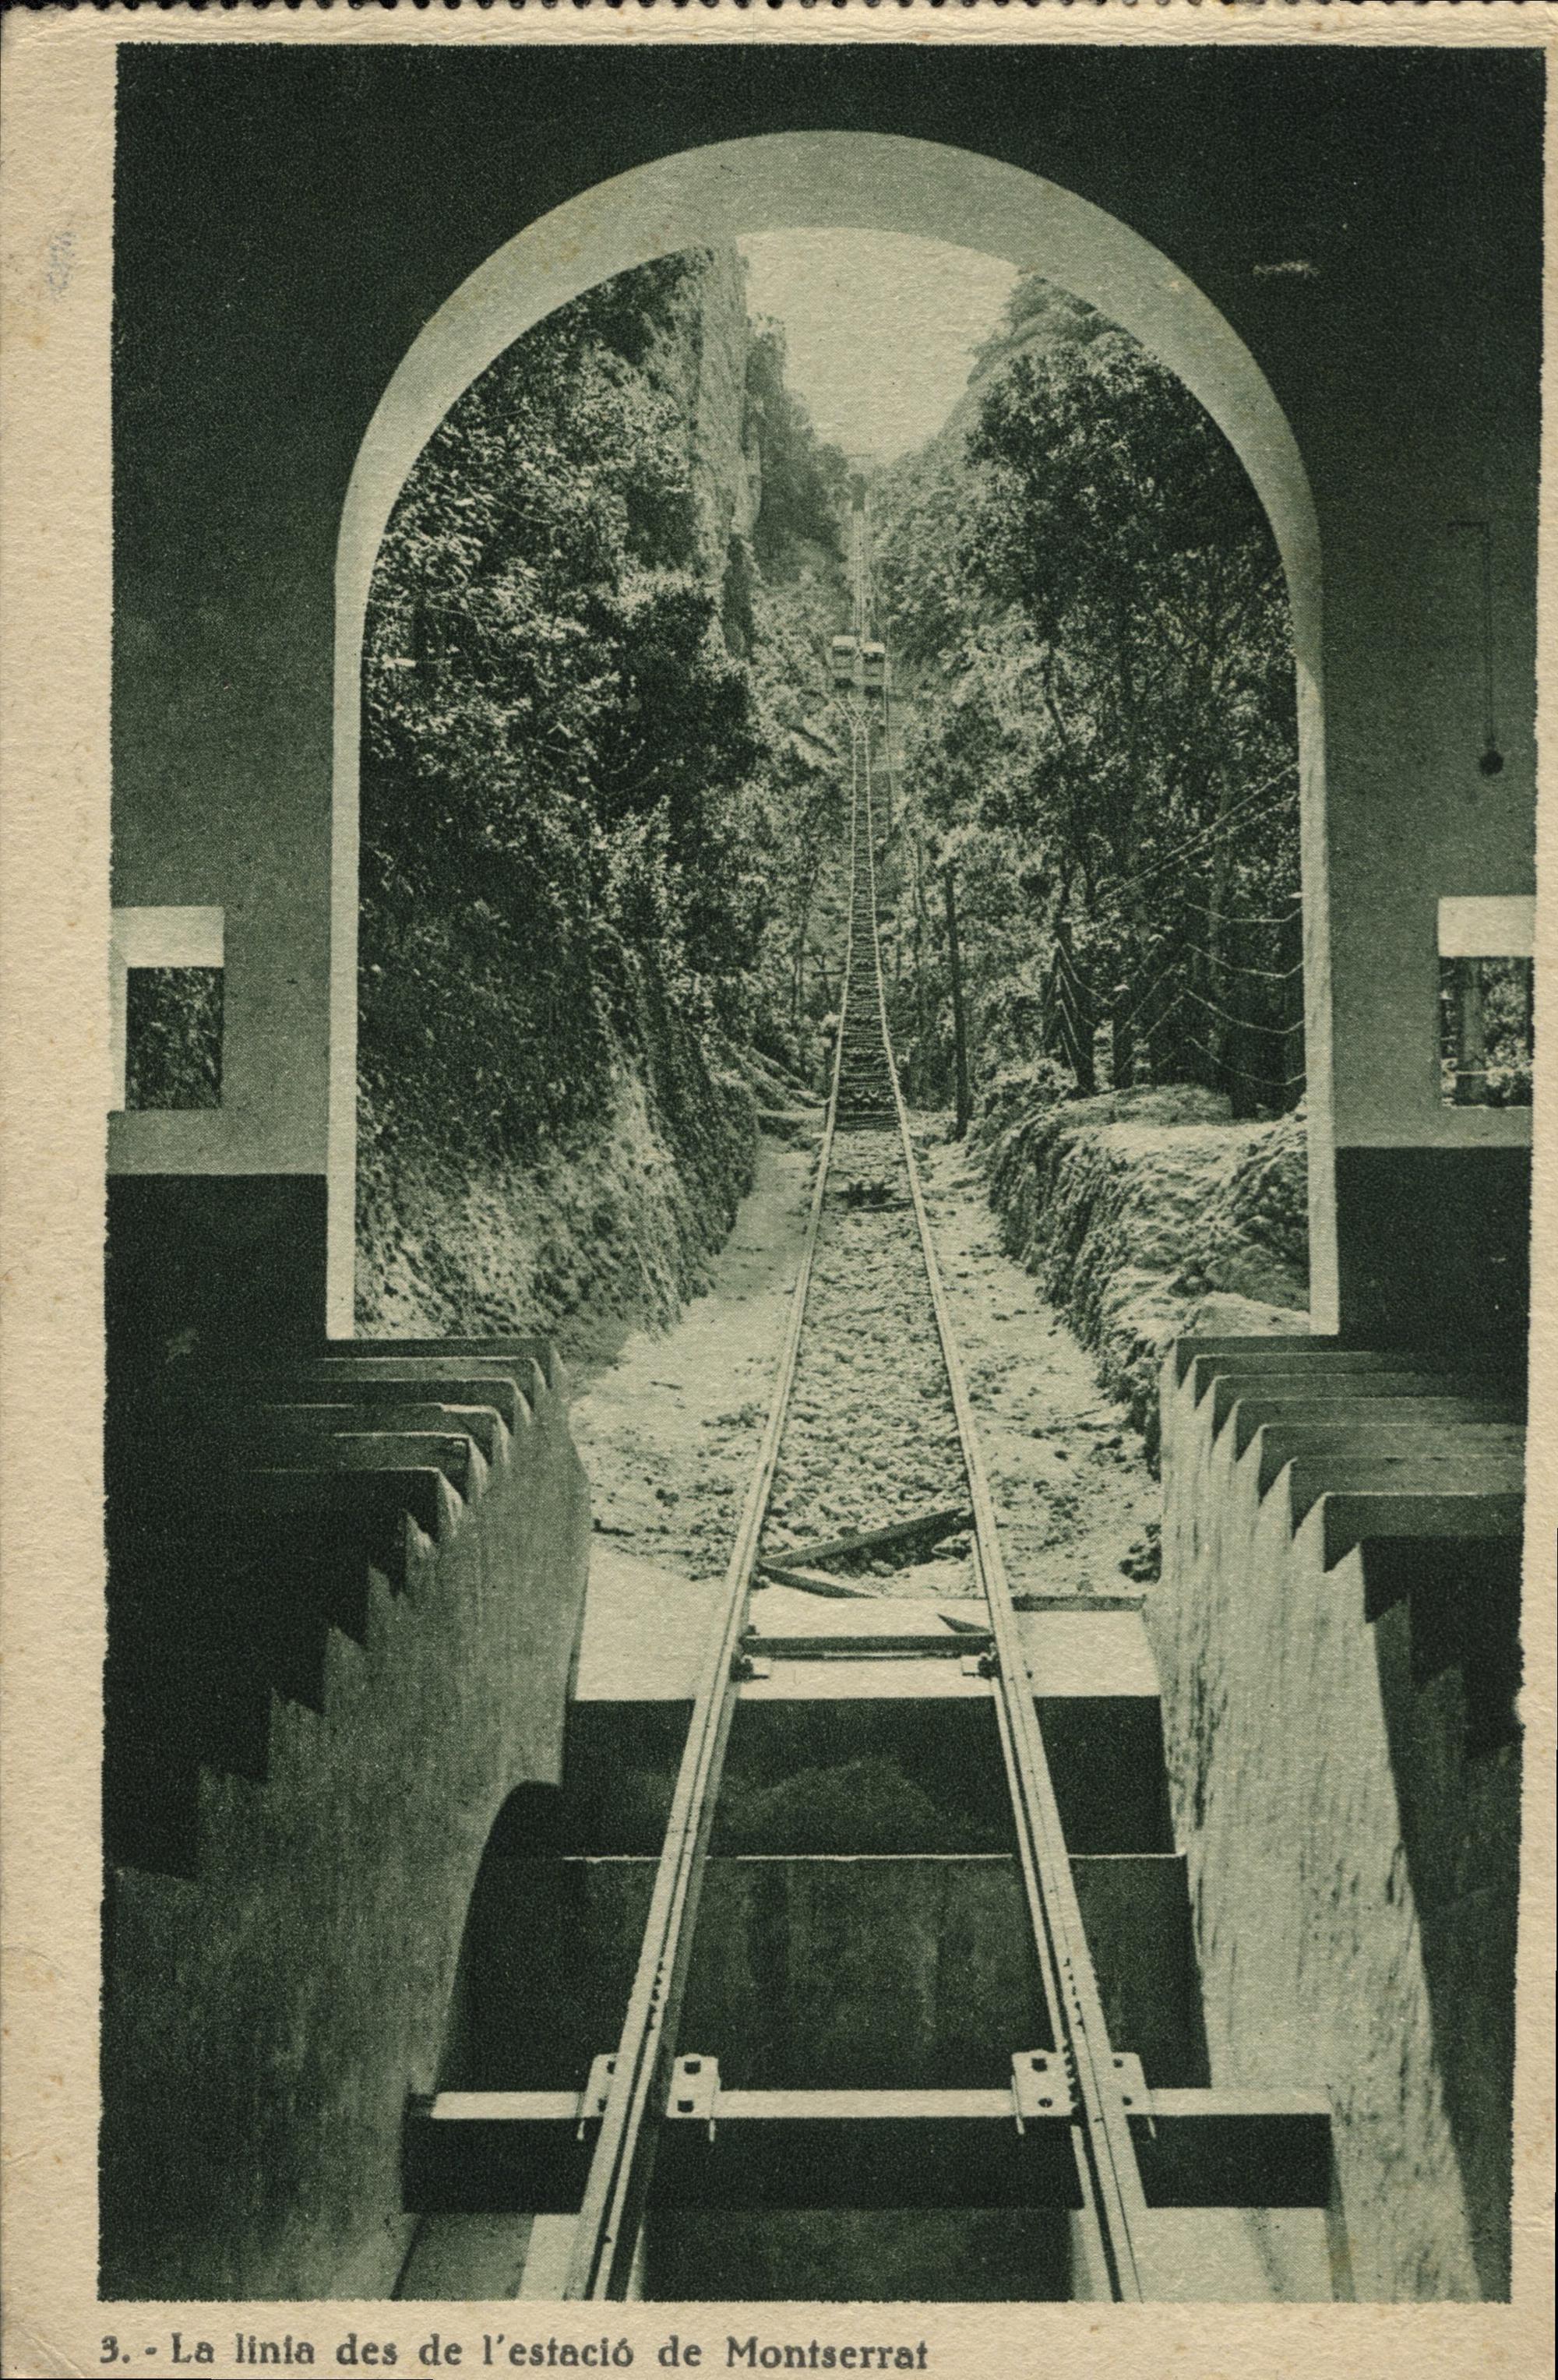 Montserrat album de postals 20101125161019518 girada girada